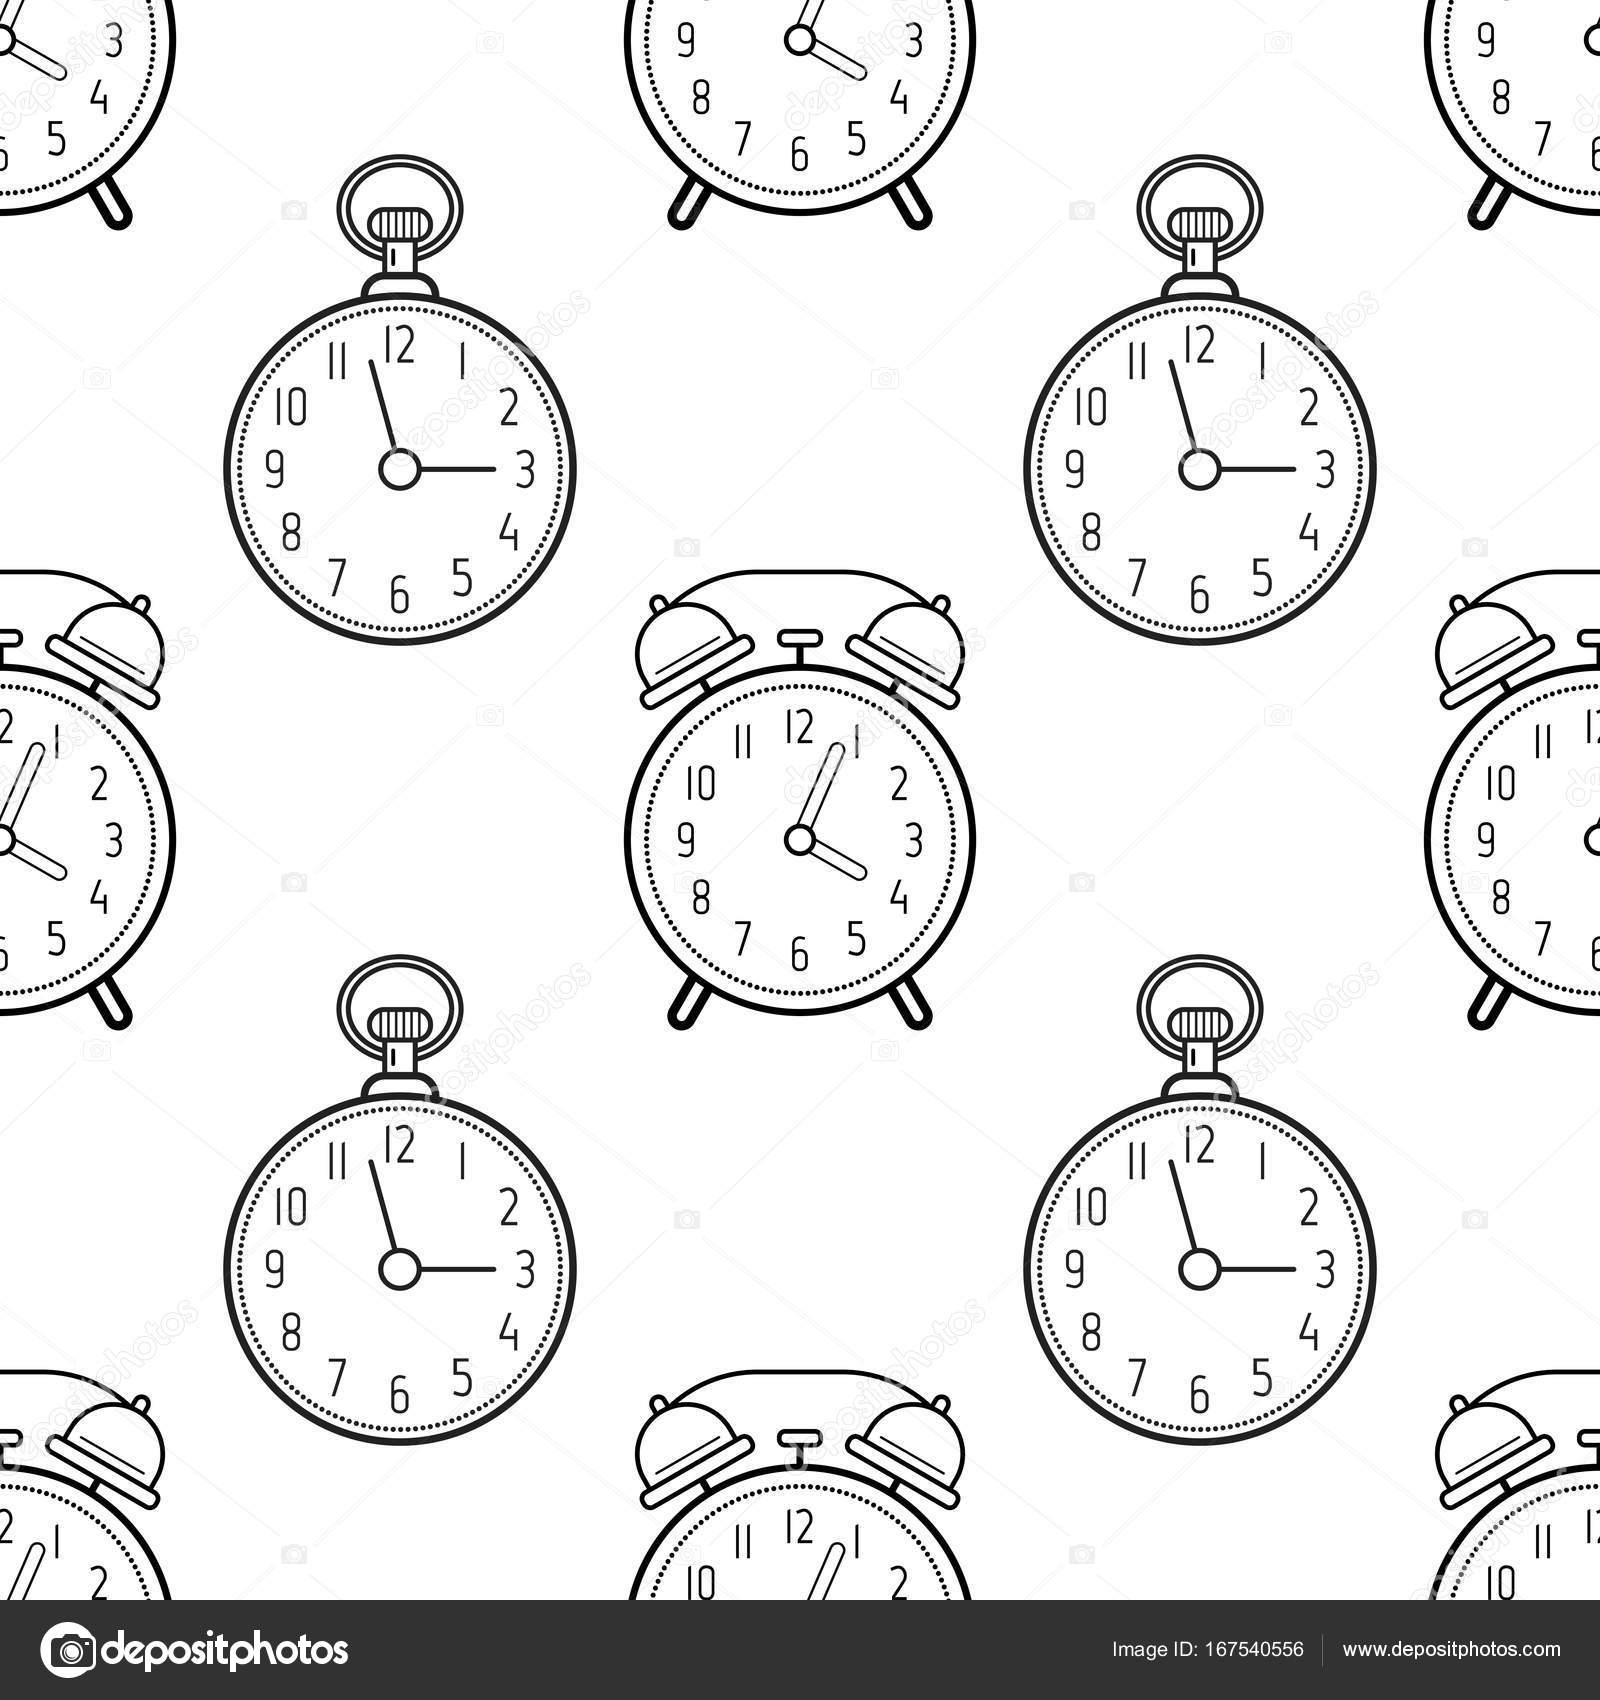 çalar Saat Ve Cep Saati Boyama Kitapları Sayfaları Için Seamless